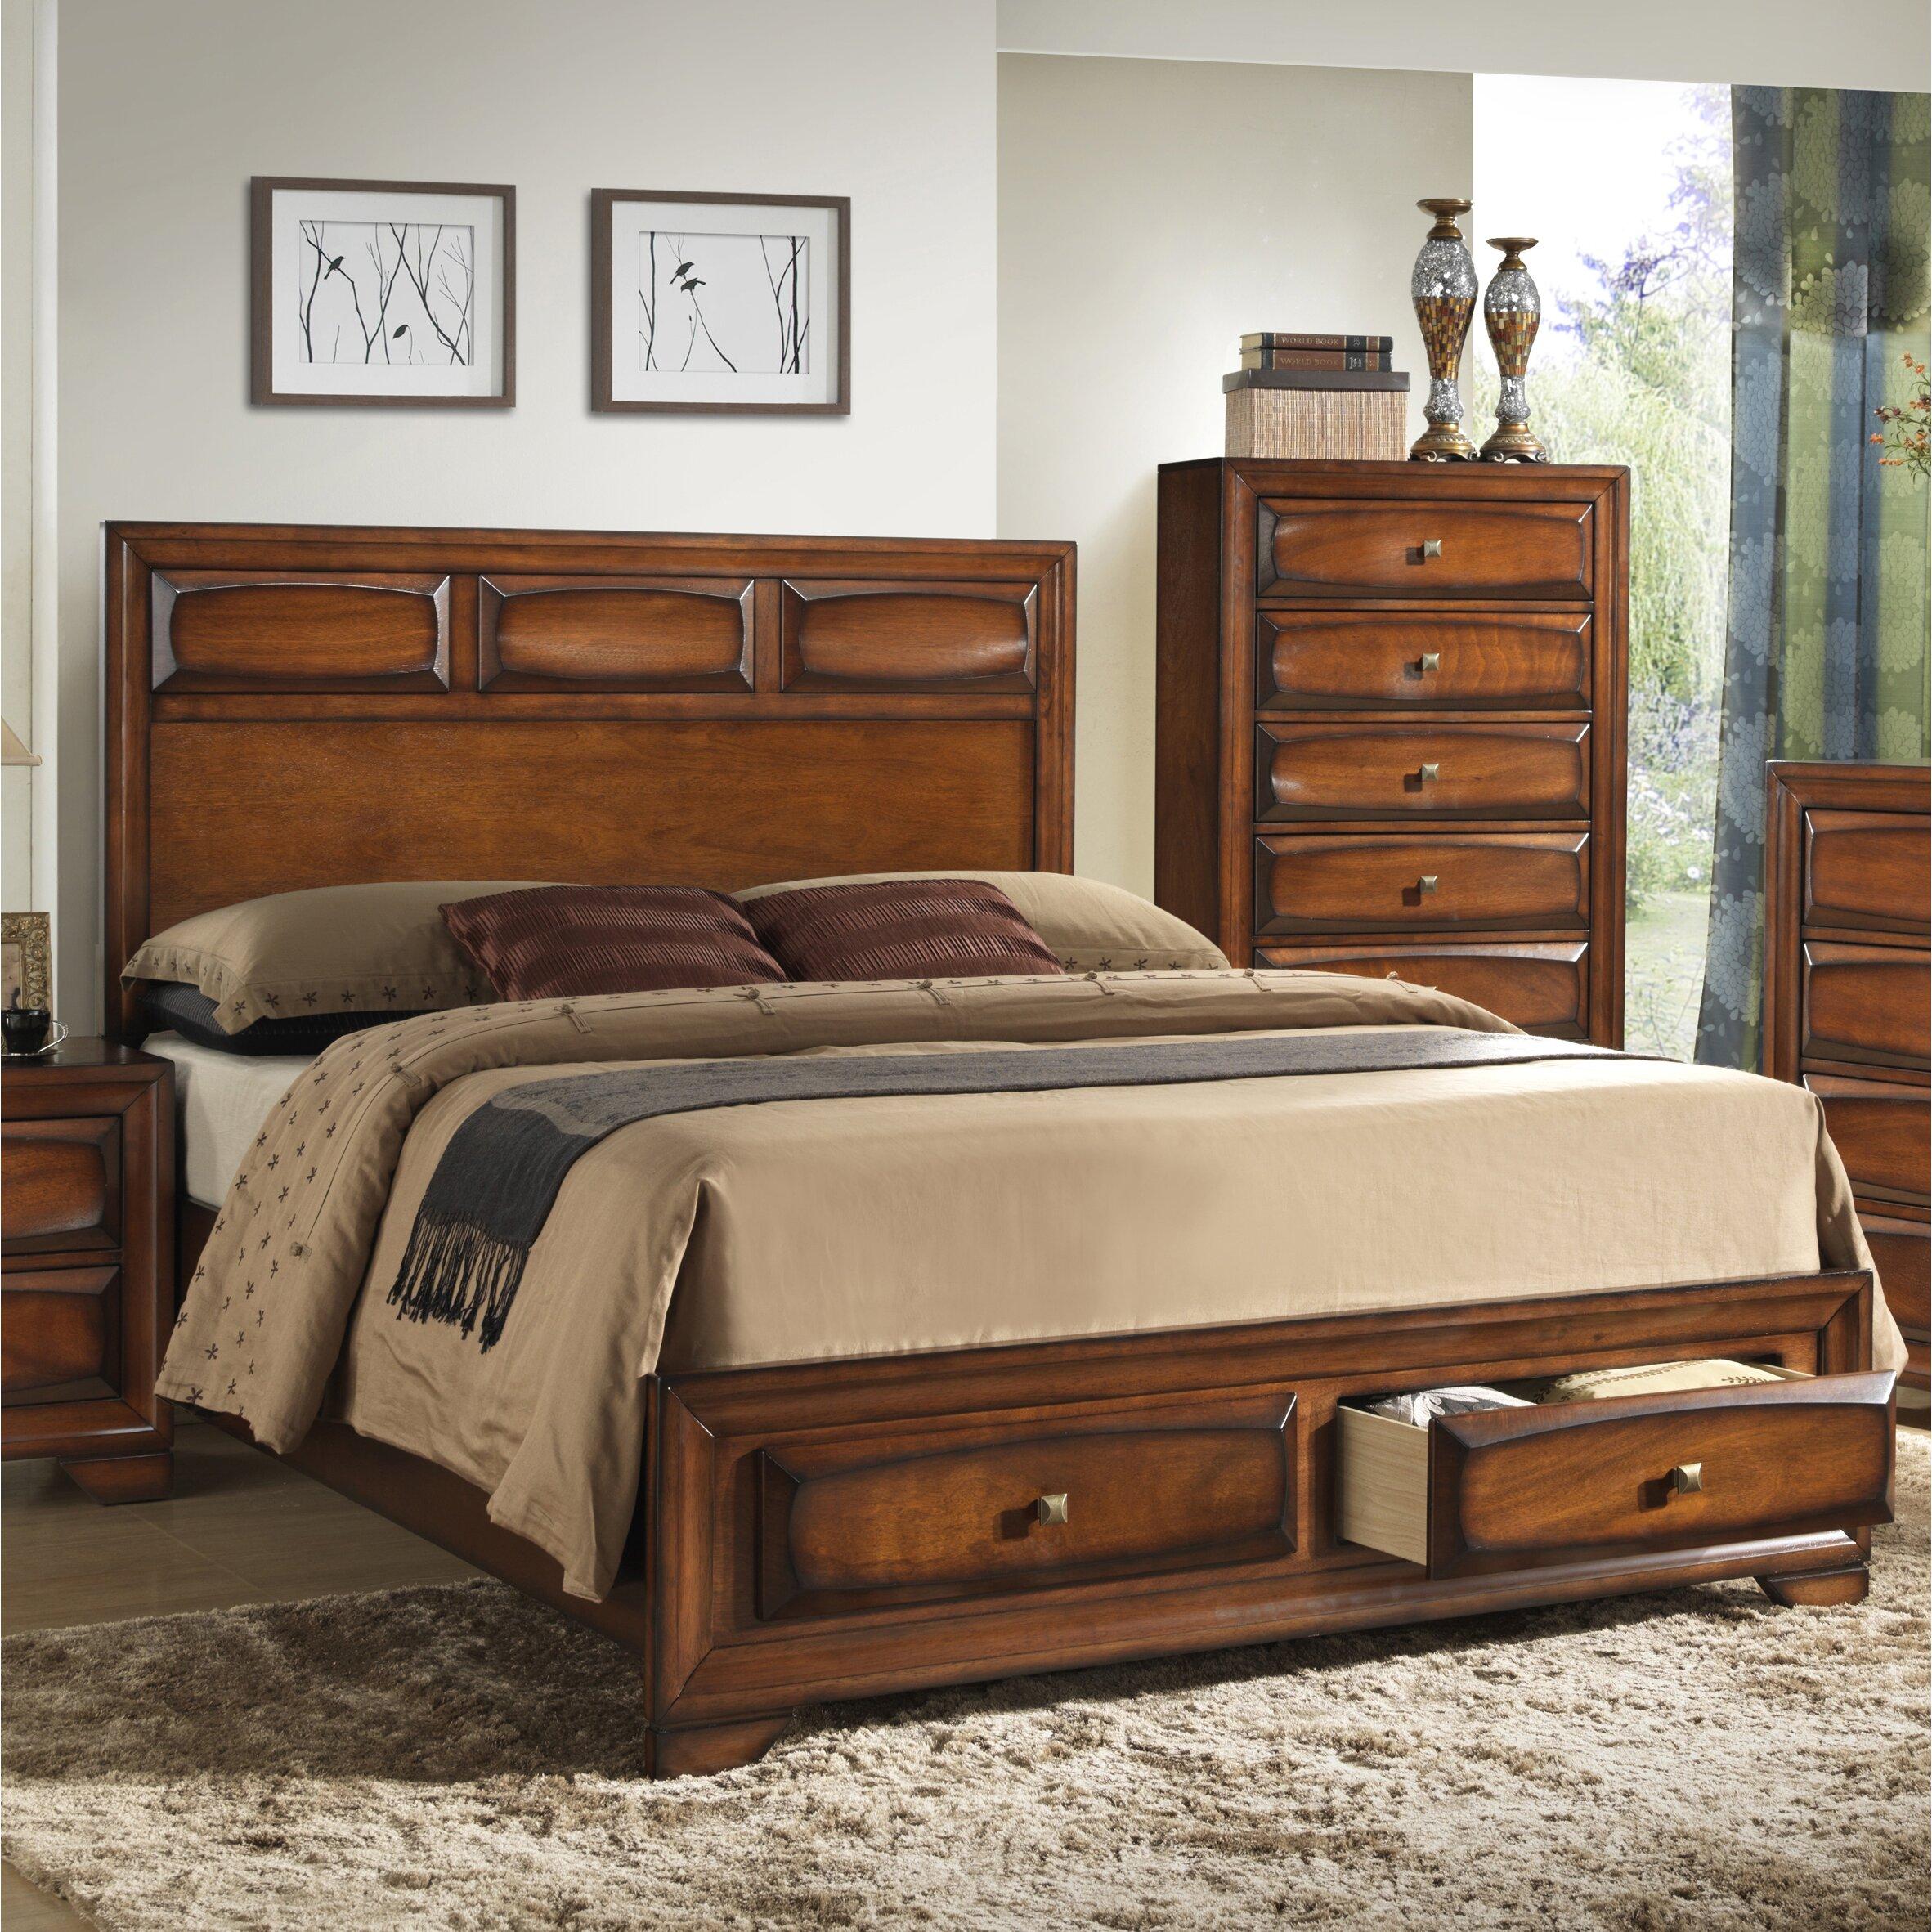 Ashley Furniture Outlet Oakland Ca: Roundhill Furniture Oakland Storage Platform Bed